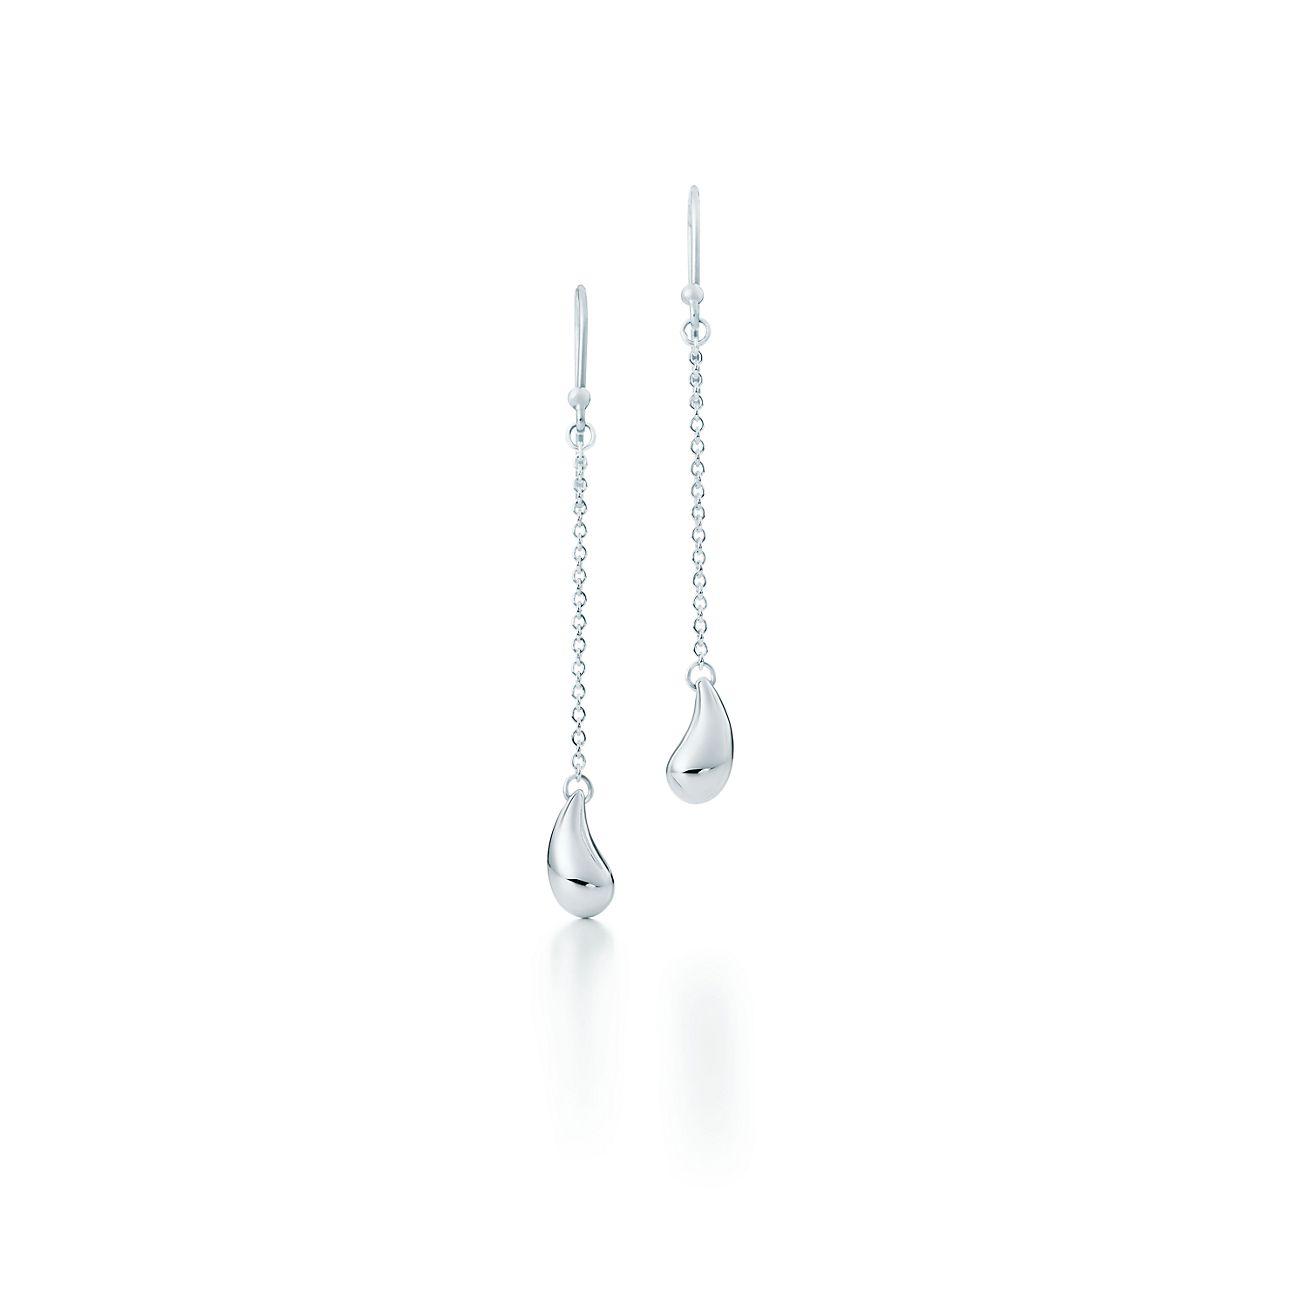 Elsa Peretti Teardrop Earrings